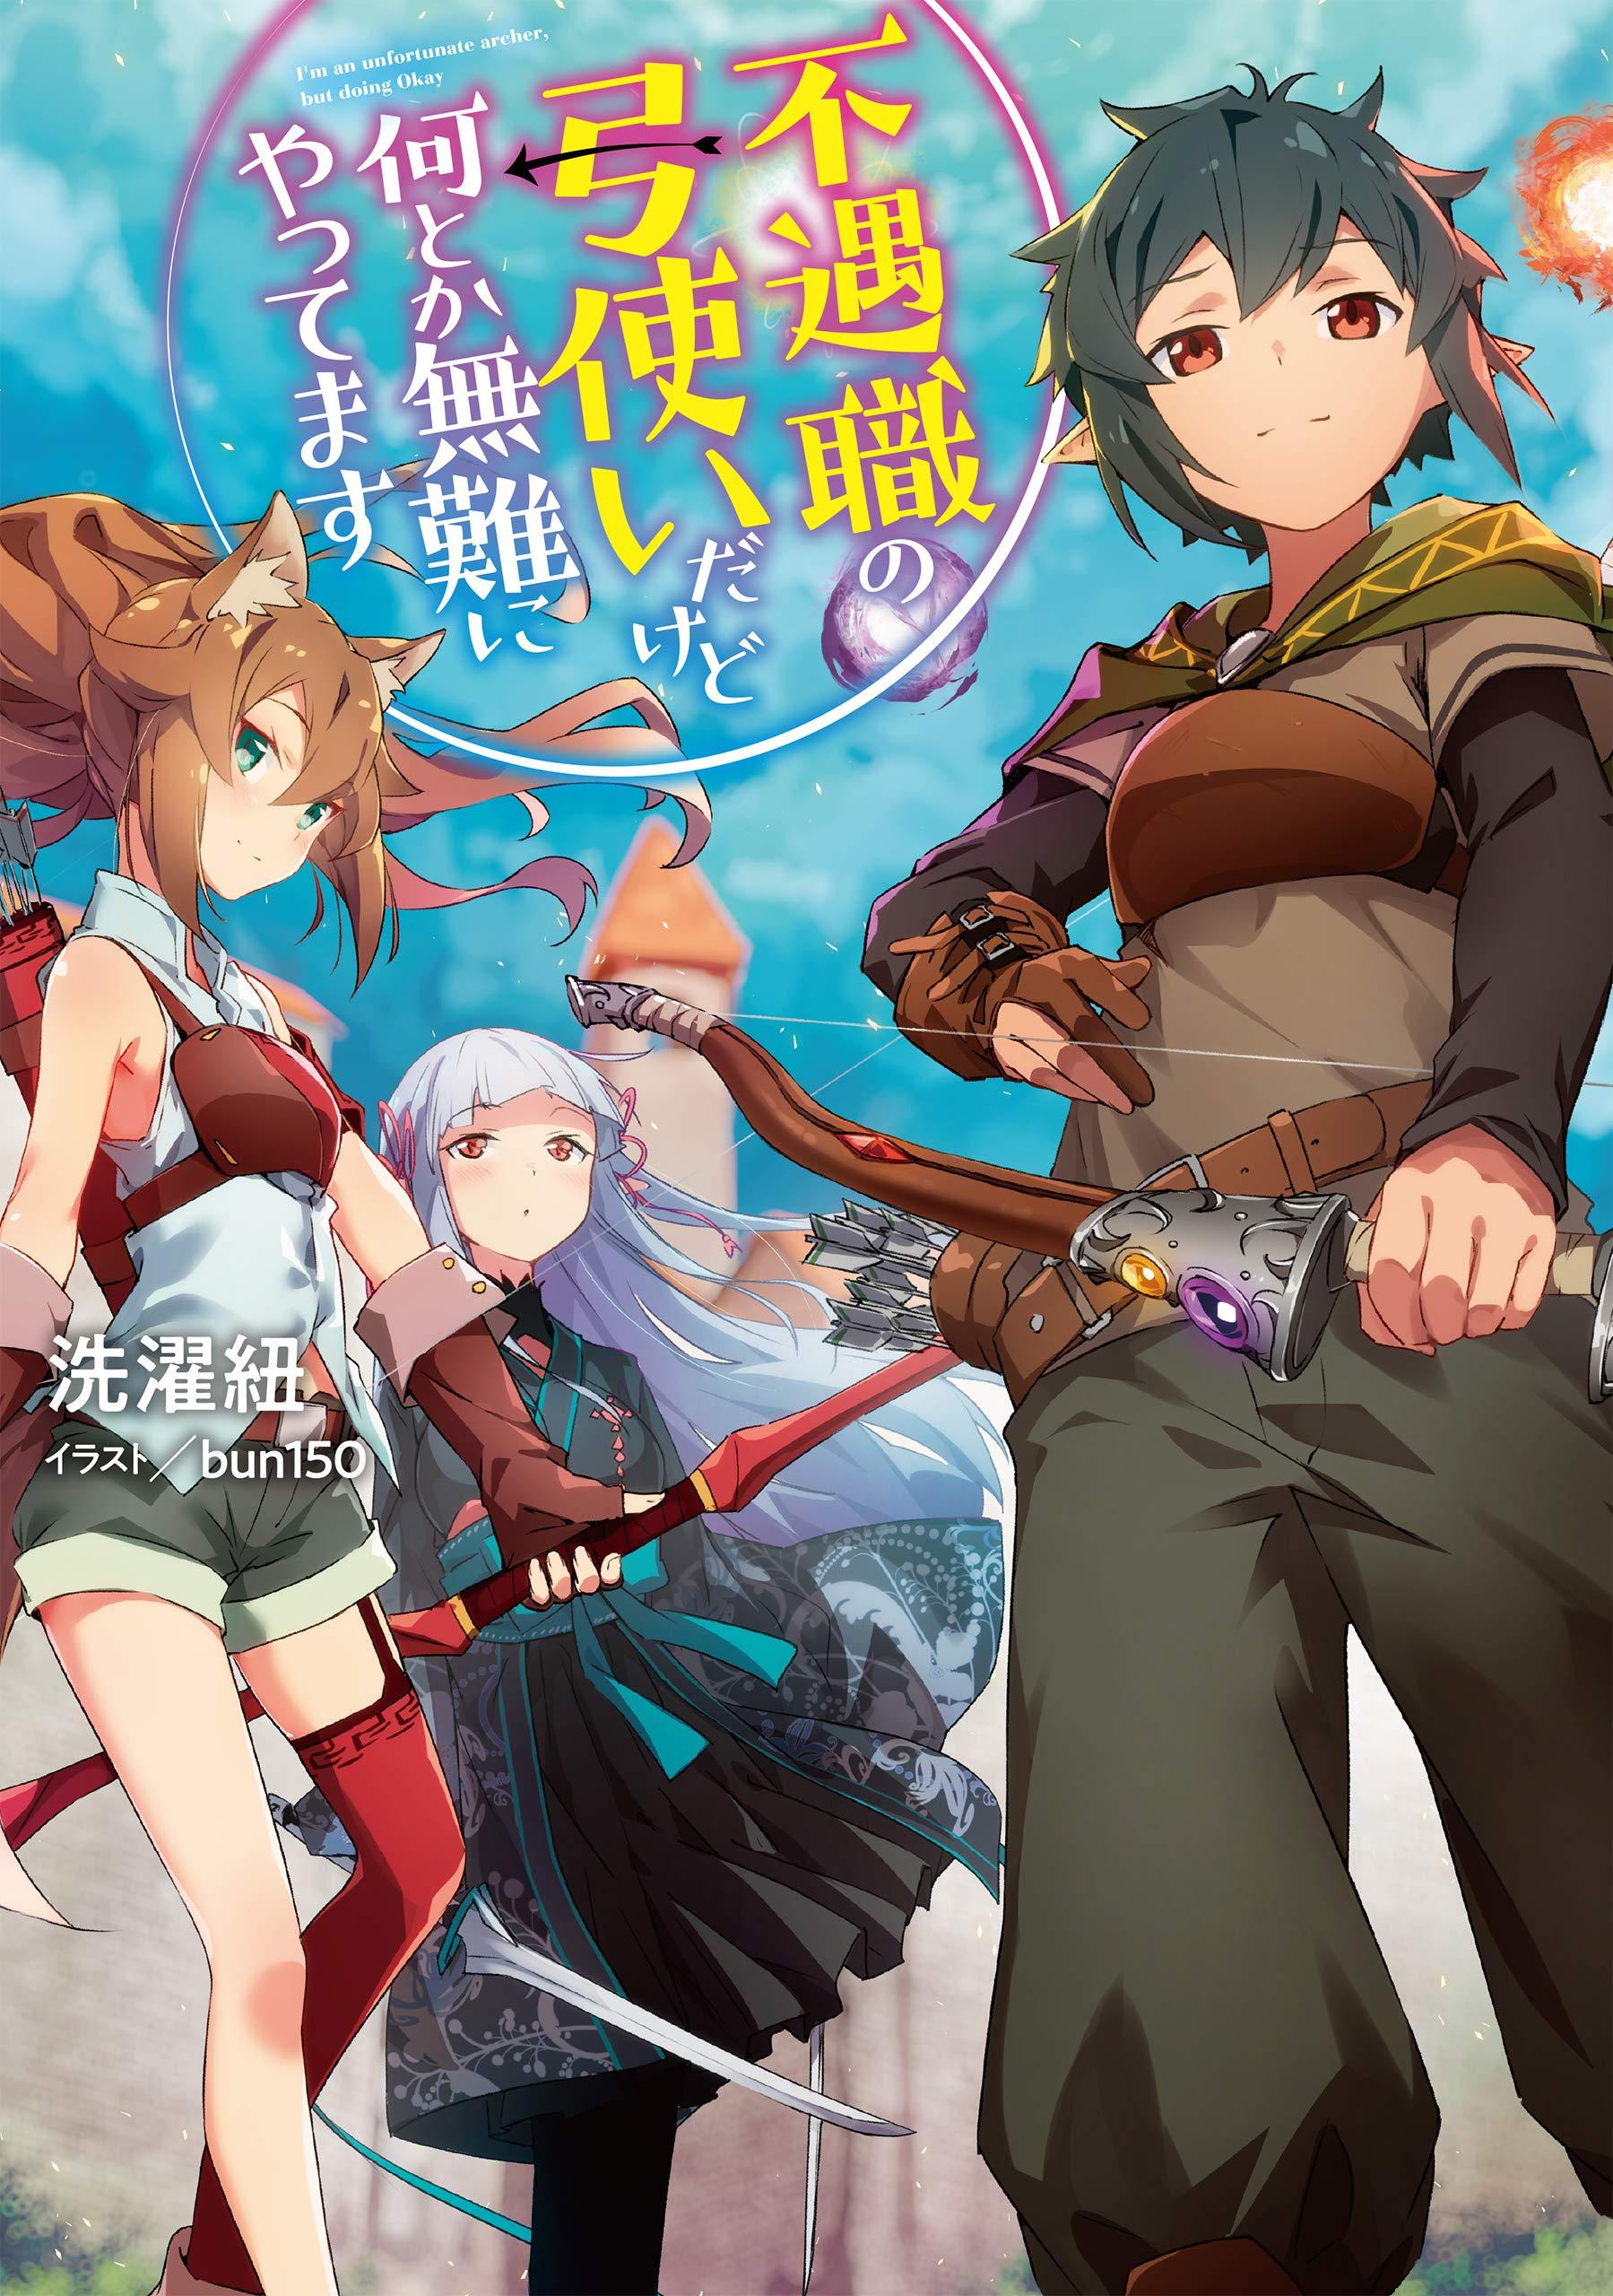 Fuguushoku no Yumizukai da kedo Nantoka Bunan ni Yattemasu